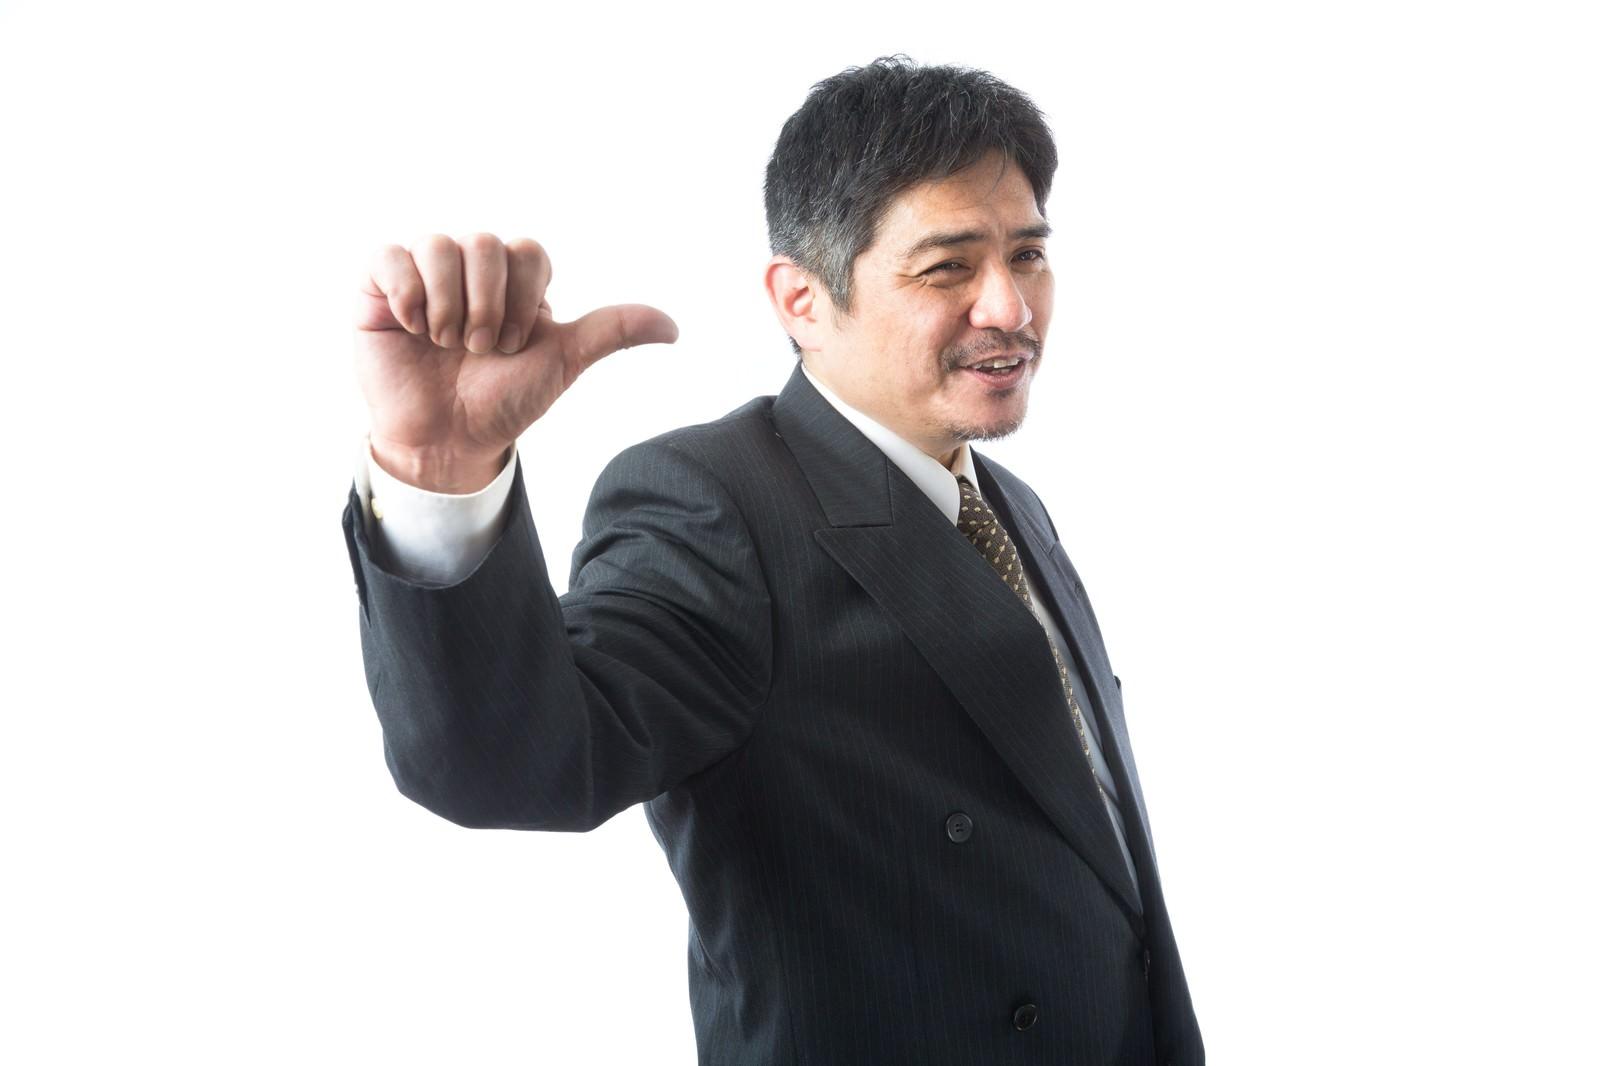 「「ついてこい!」と案内する頼もしい上司「ついてこい!」と案内する頼もしい上司」[モデル:よたか]のフリー写真素材を拡大